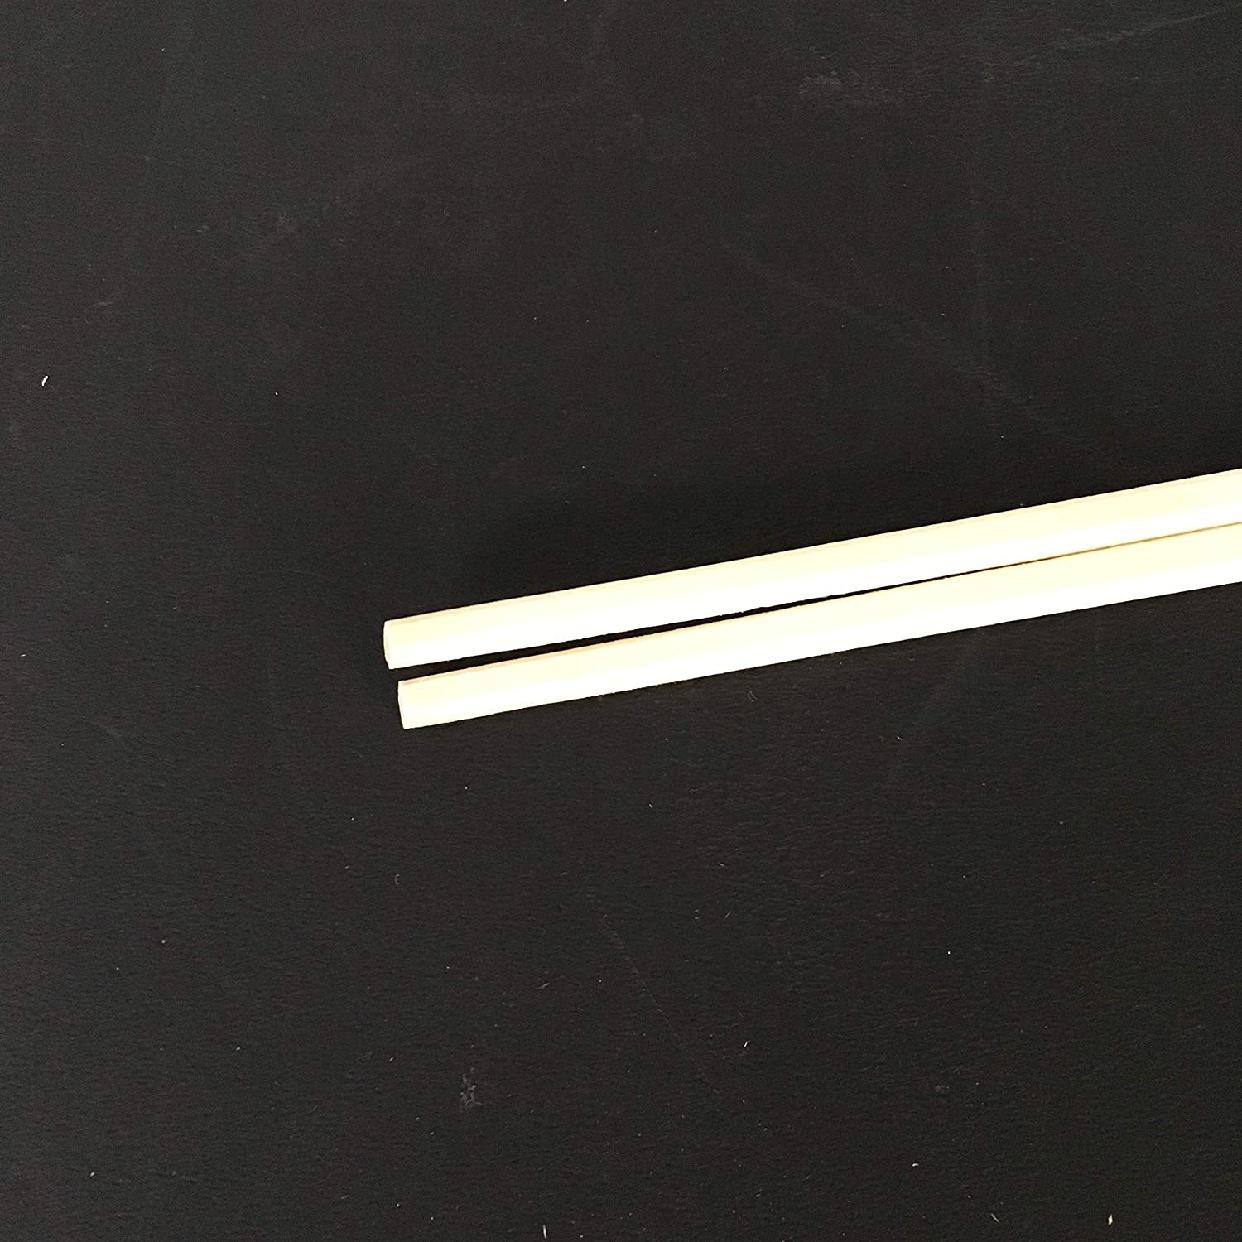 シンワアスペン元禄箸 500膳 20.5cmの商品画像4